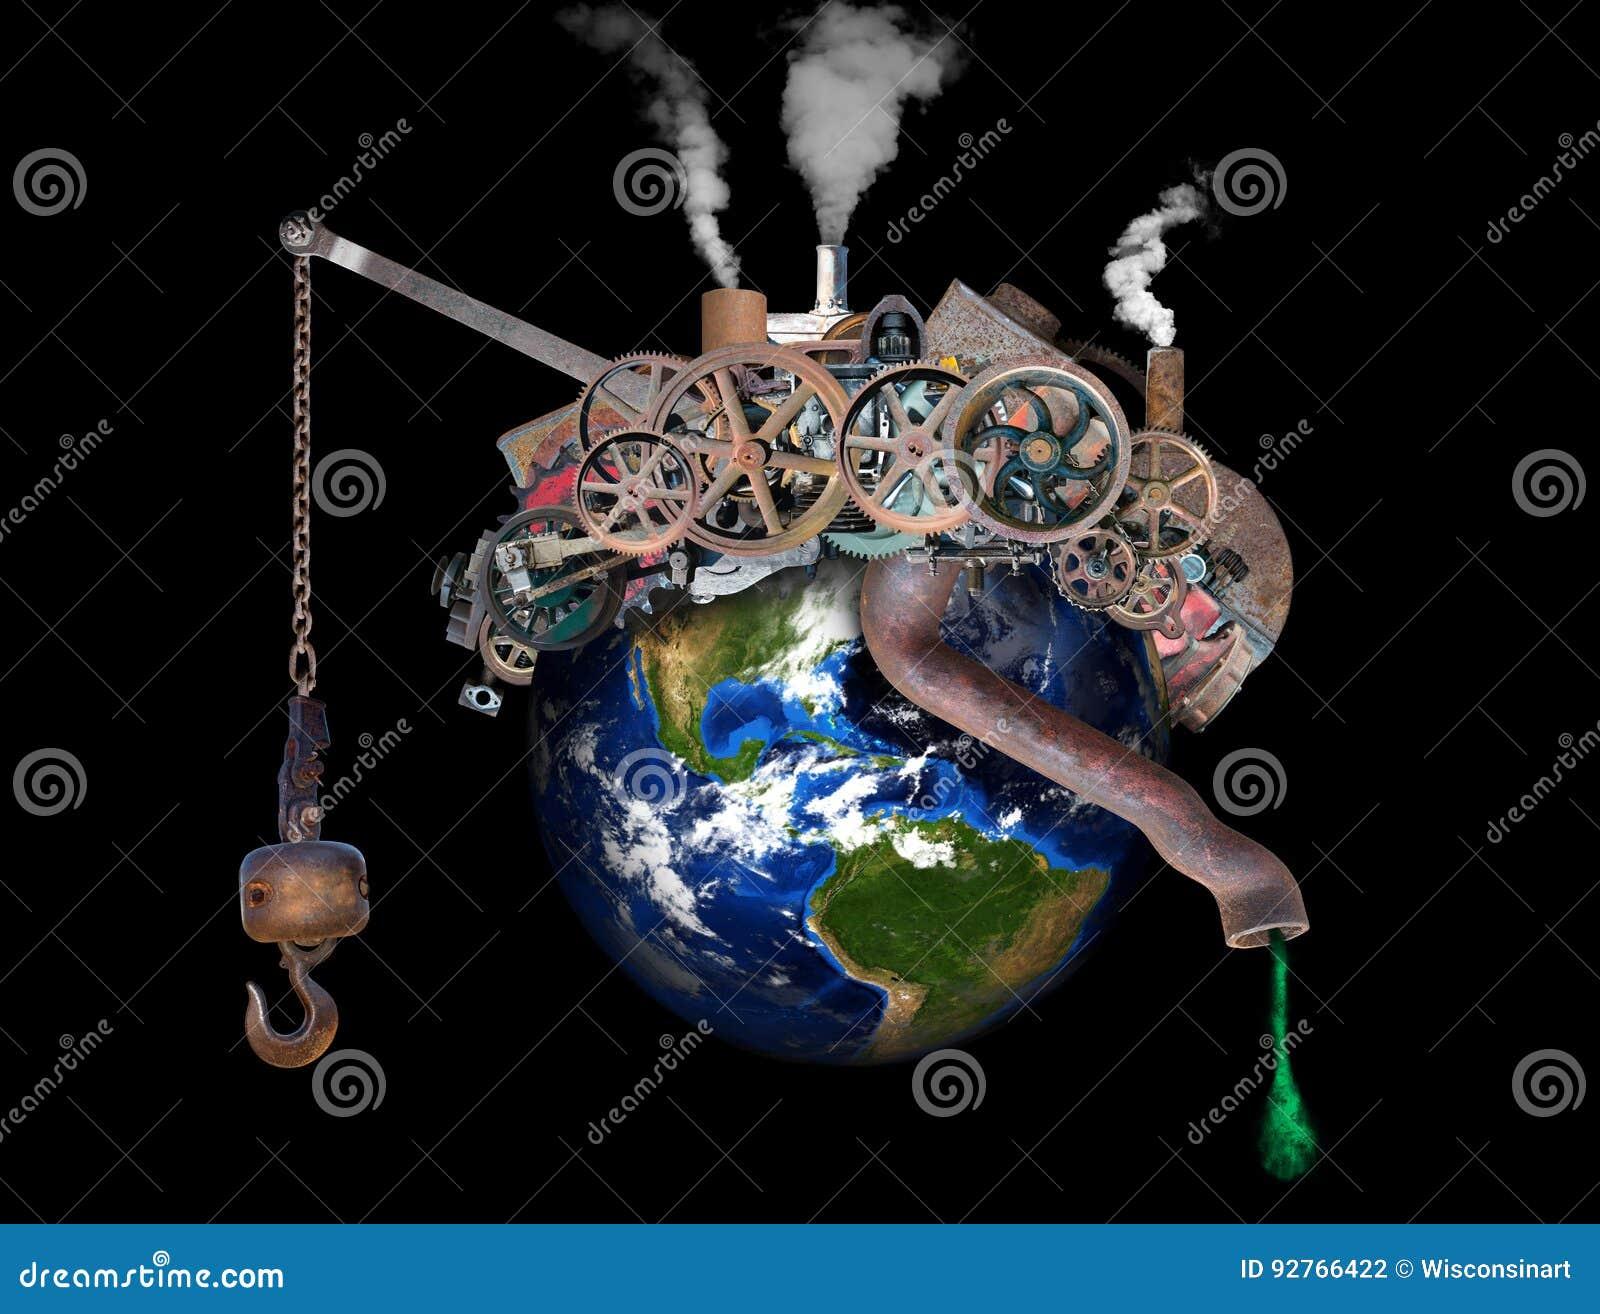 Het globale Verwarmen, Klimaatverandering, Verontreiniging